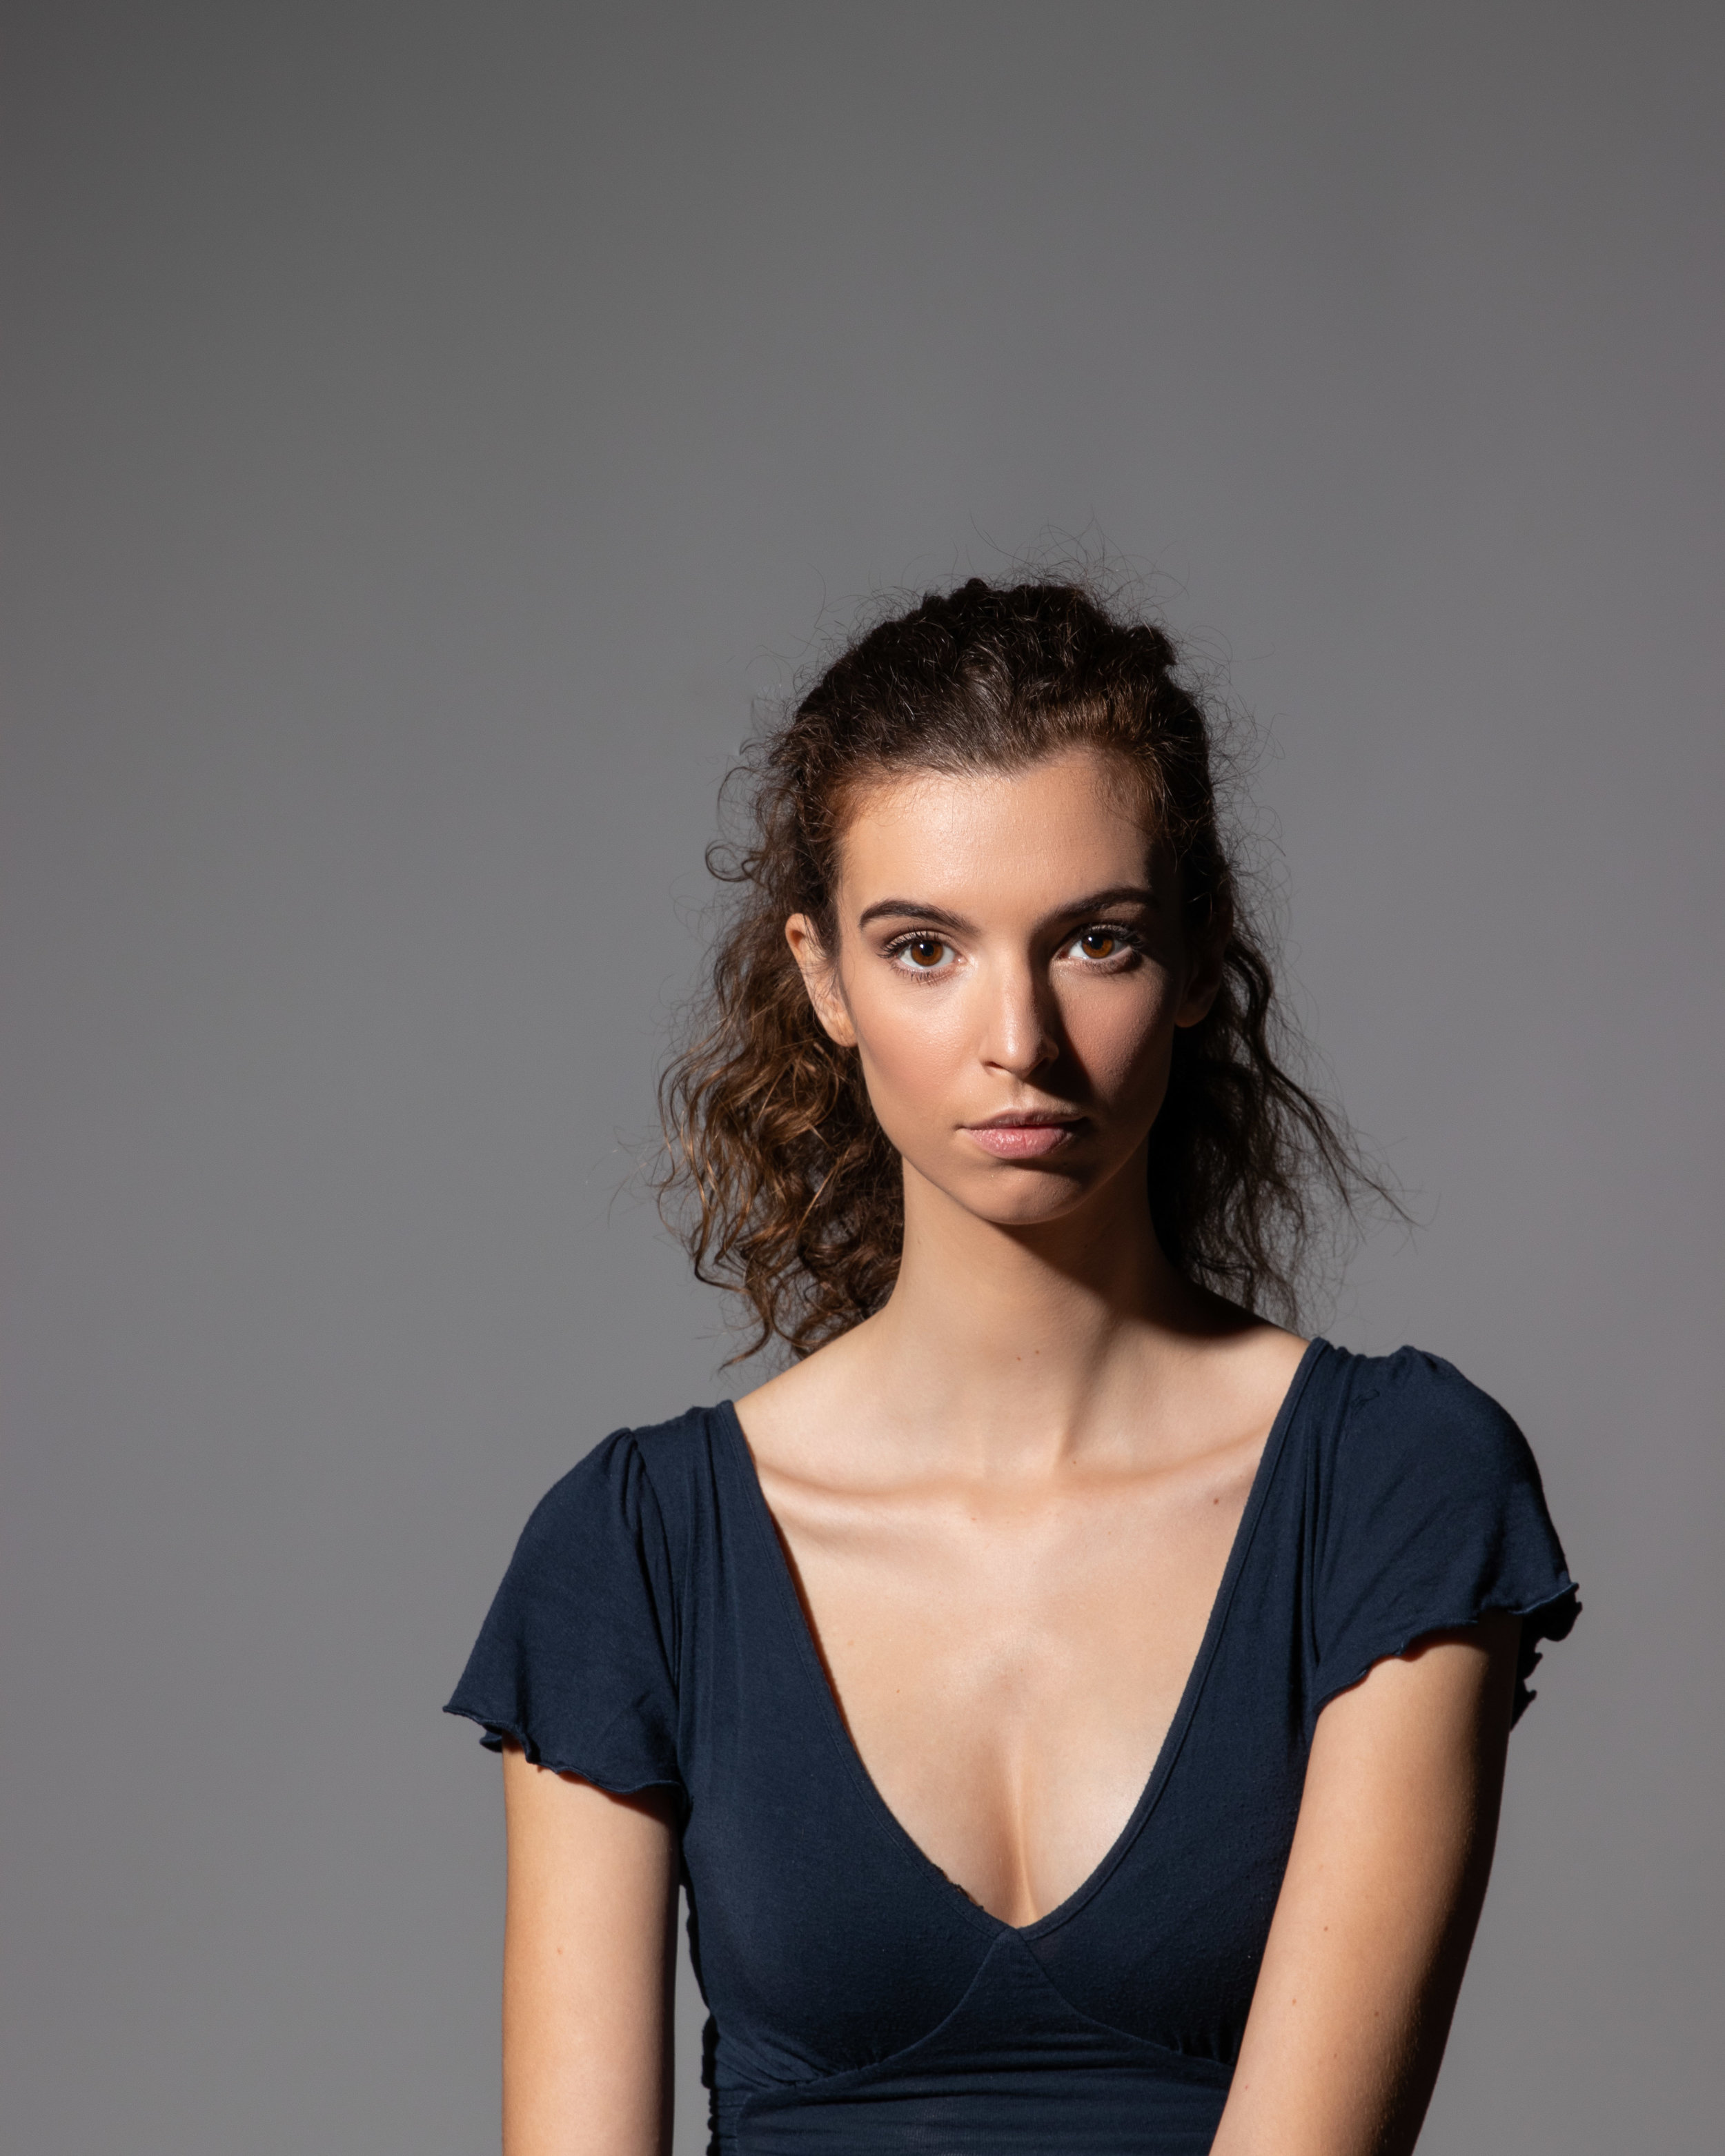 model in Studio.jpg